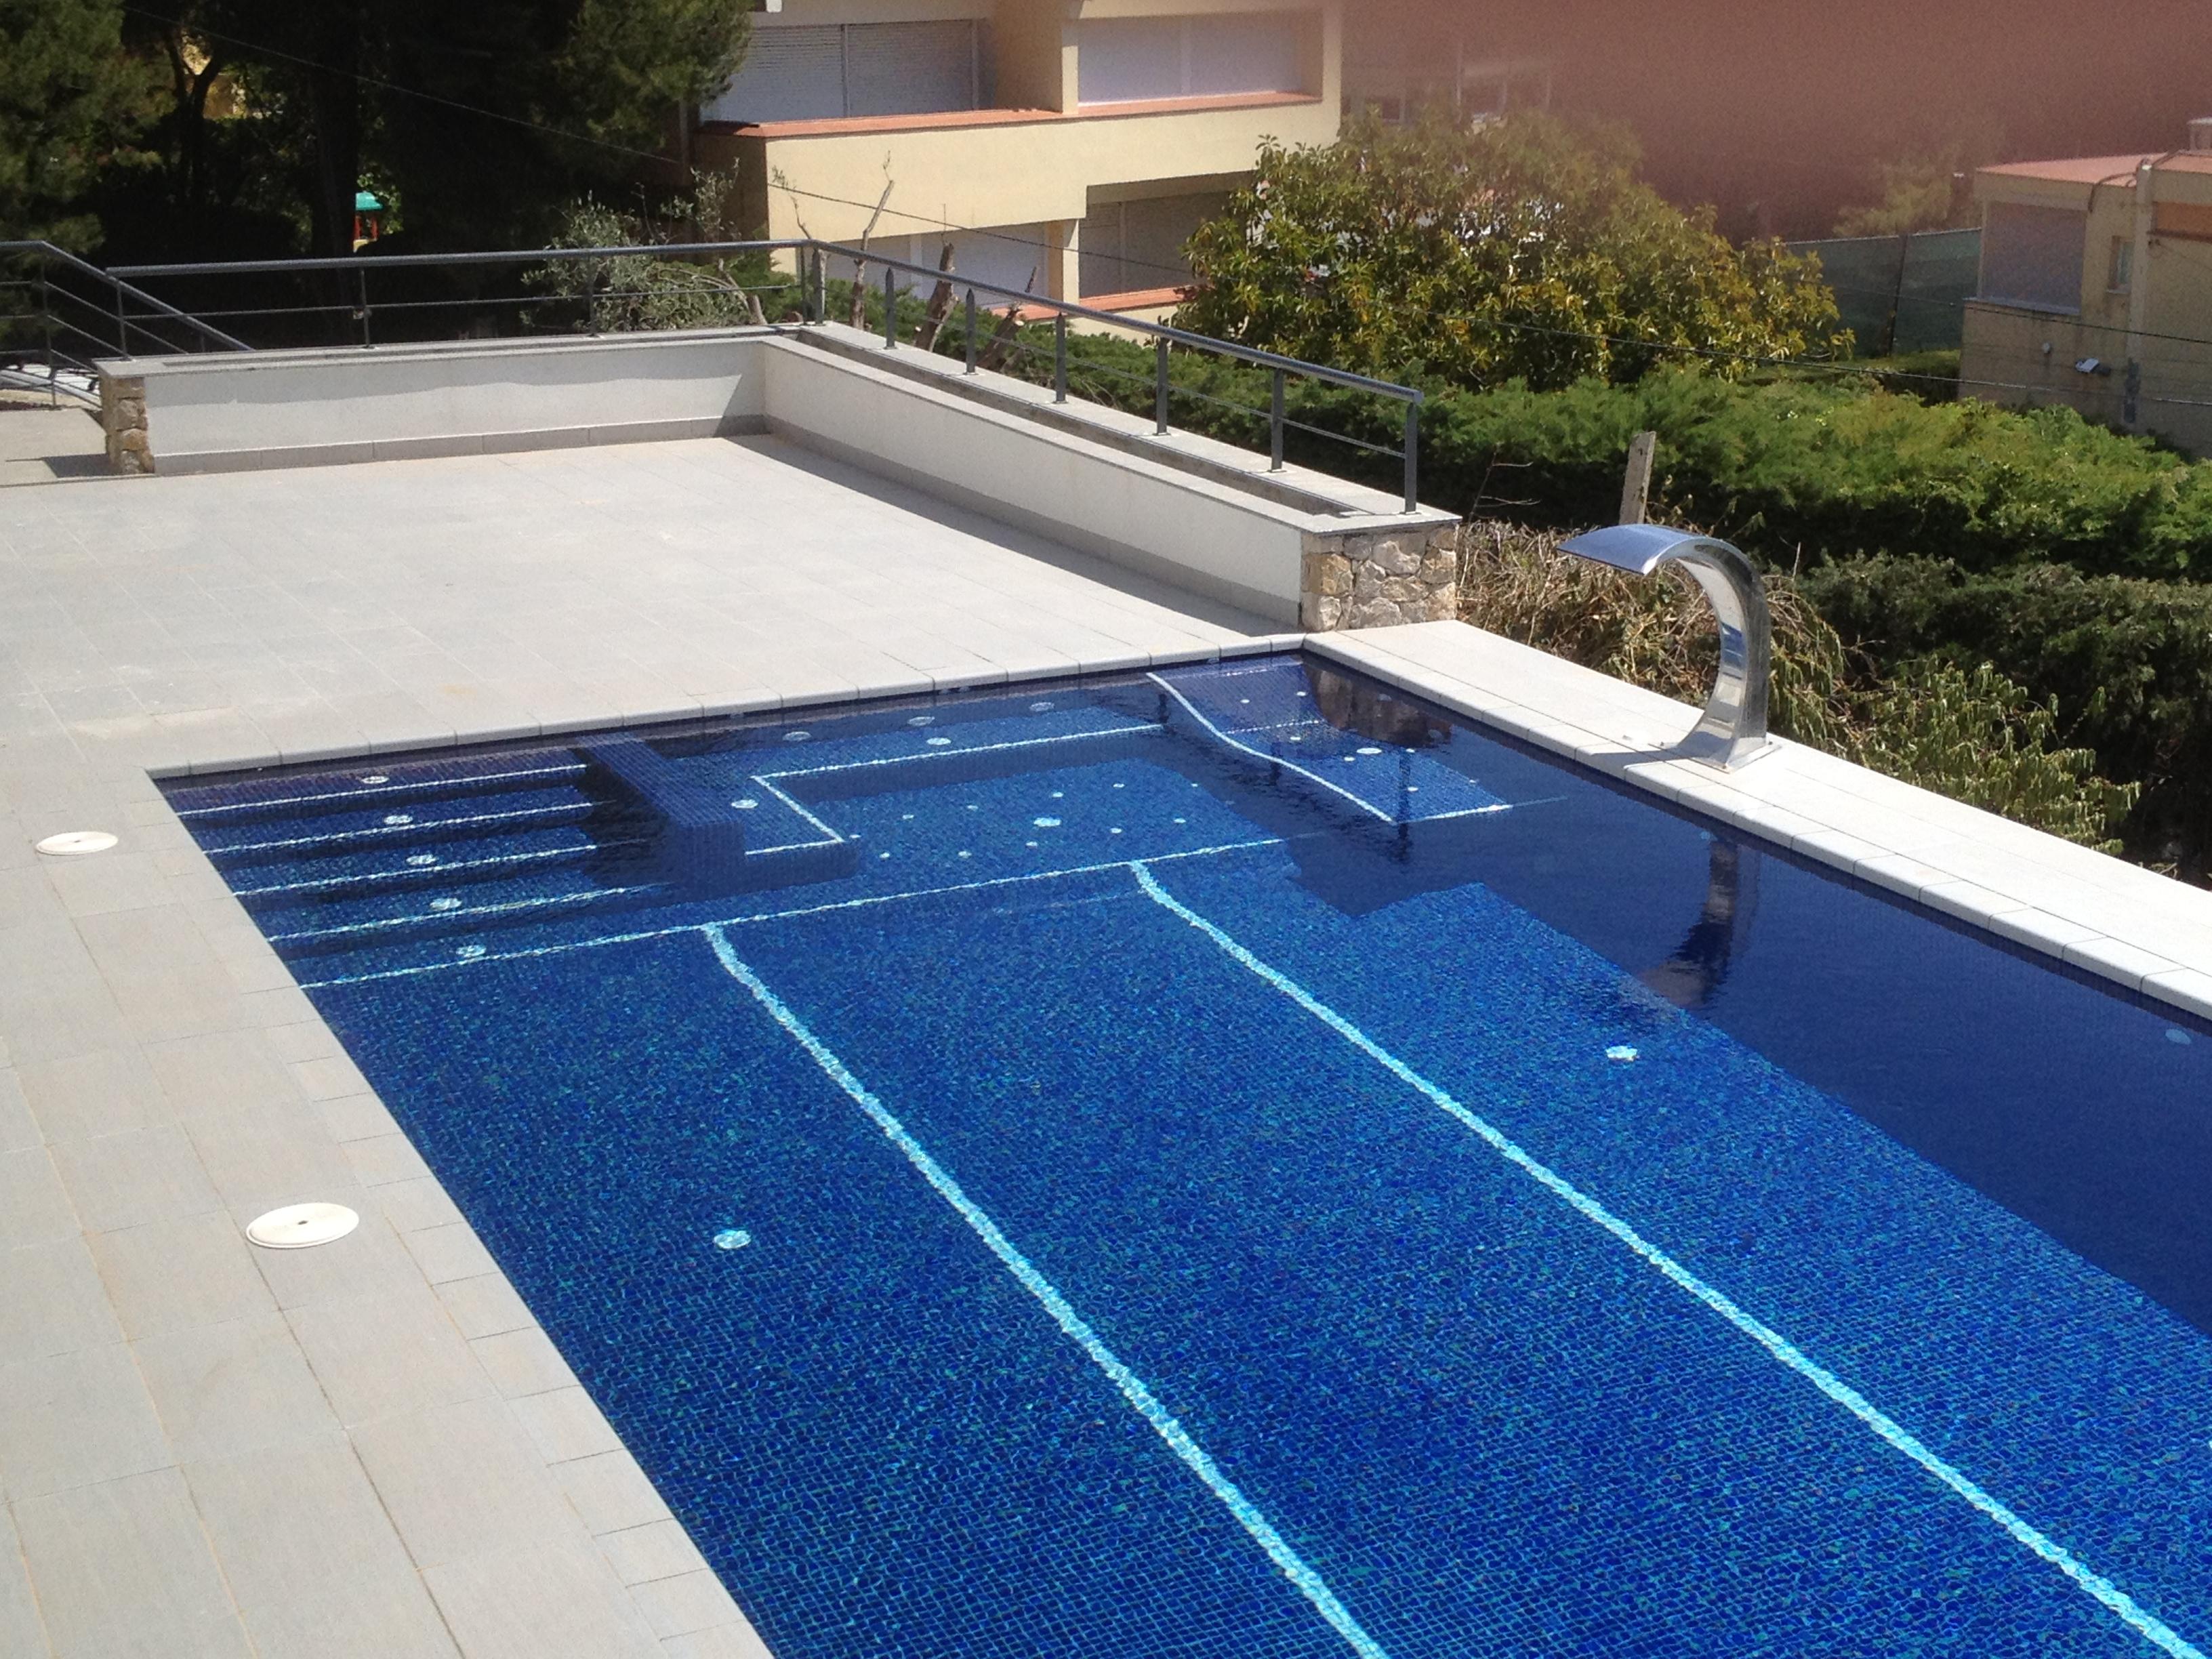 Piscinas piscinas aop for Dibujos para piscinas en gresite